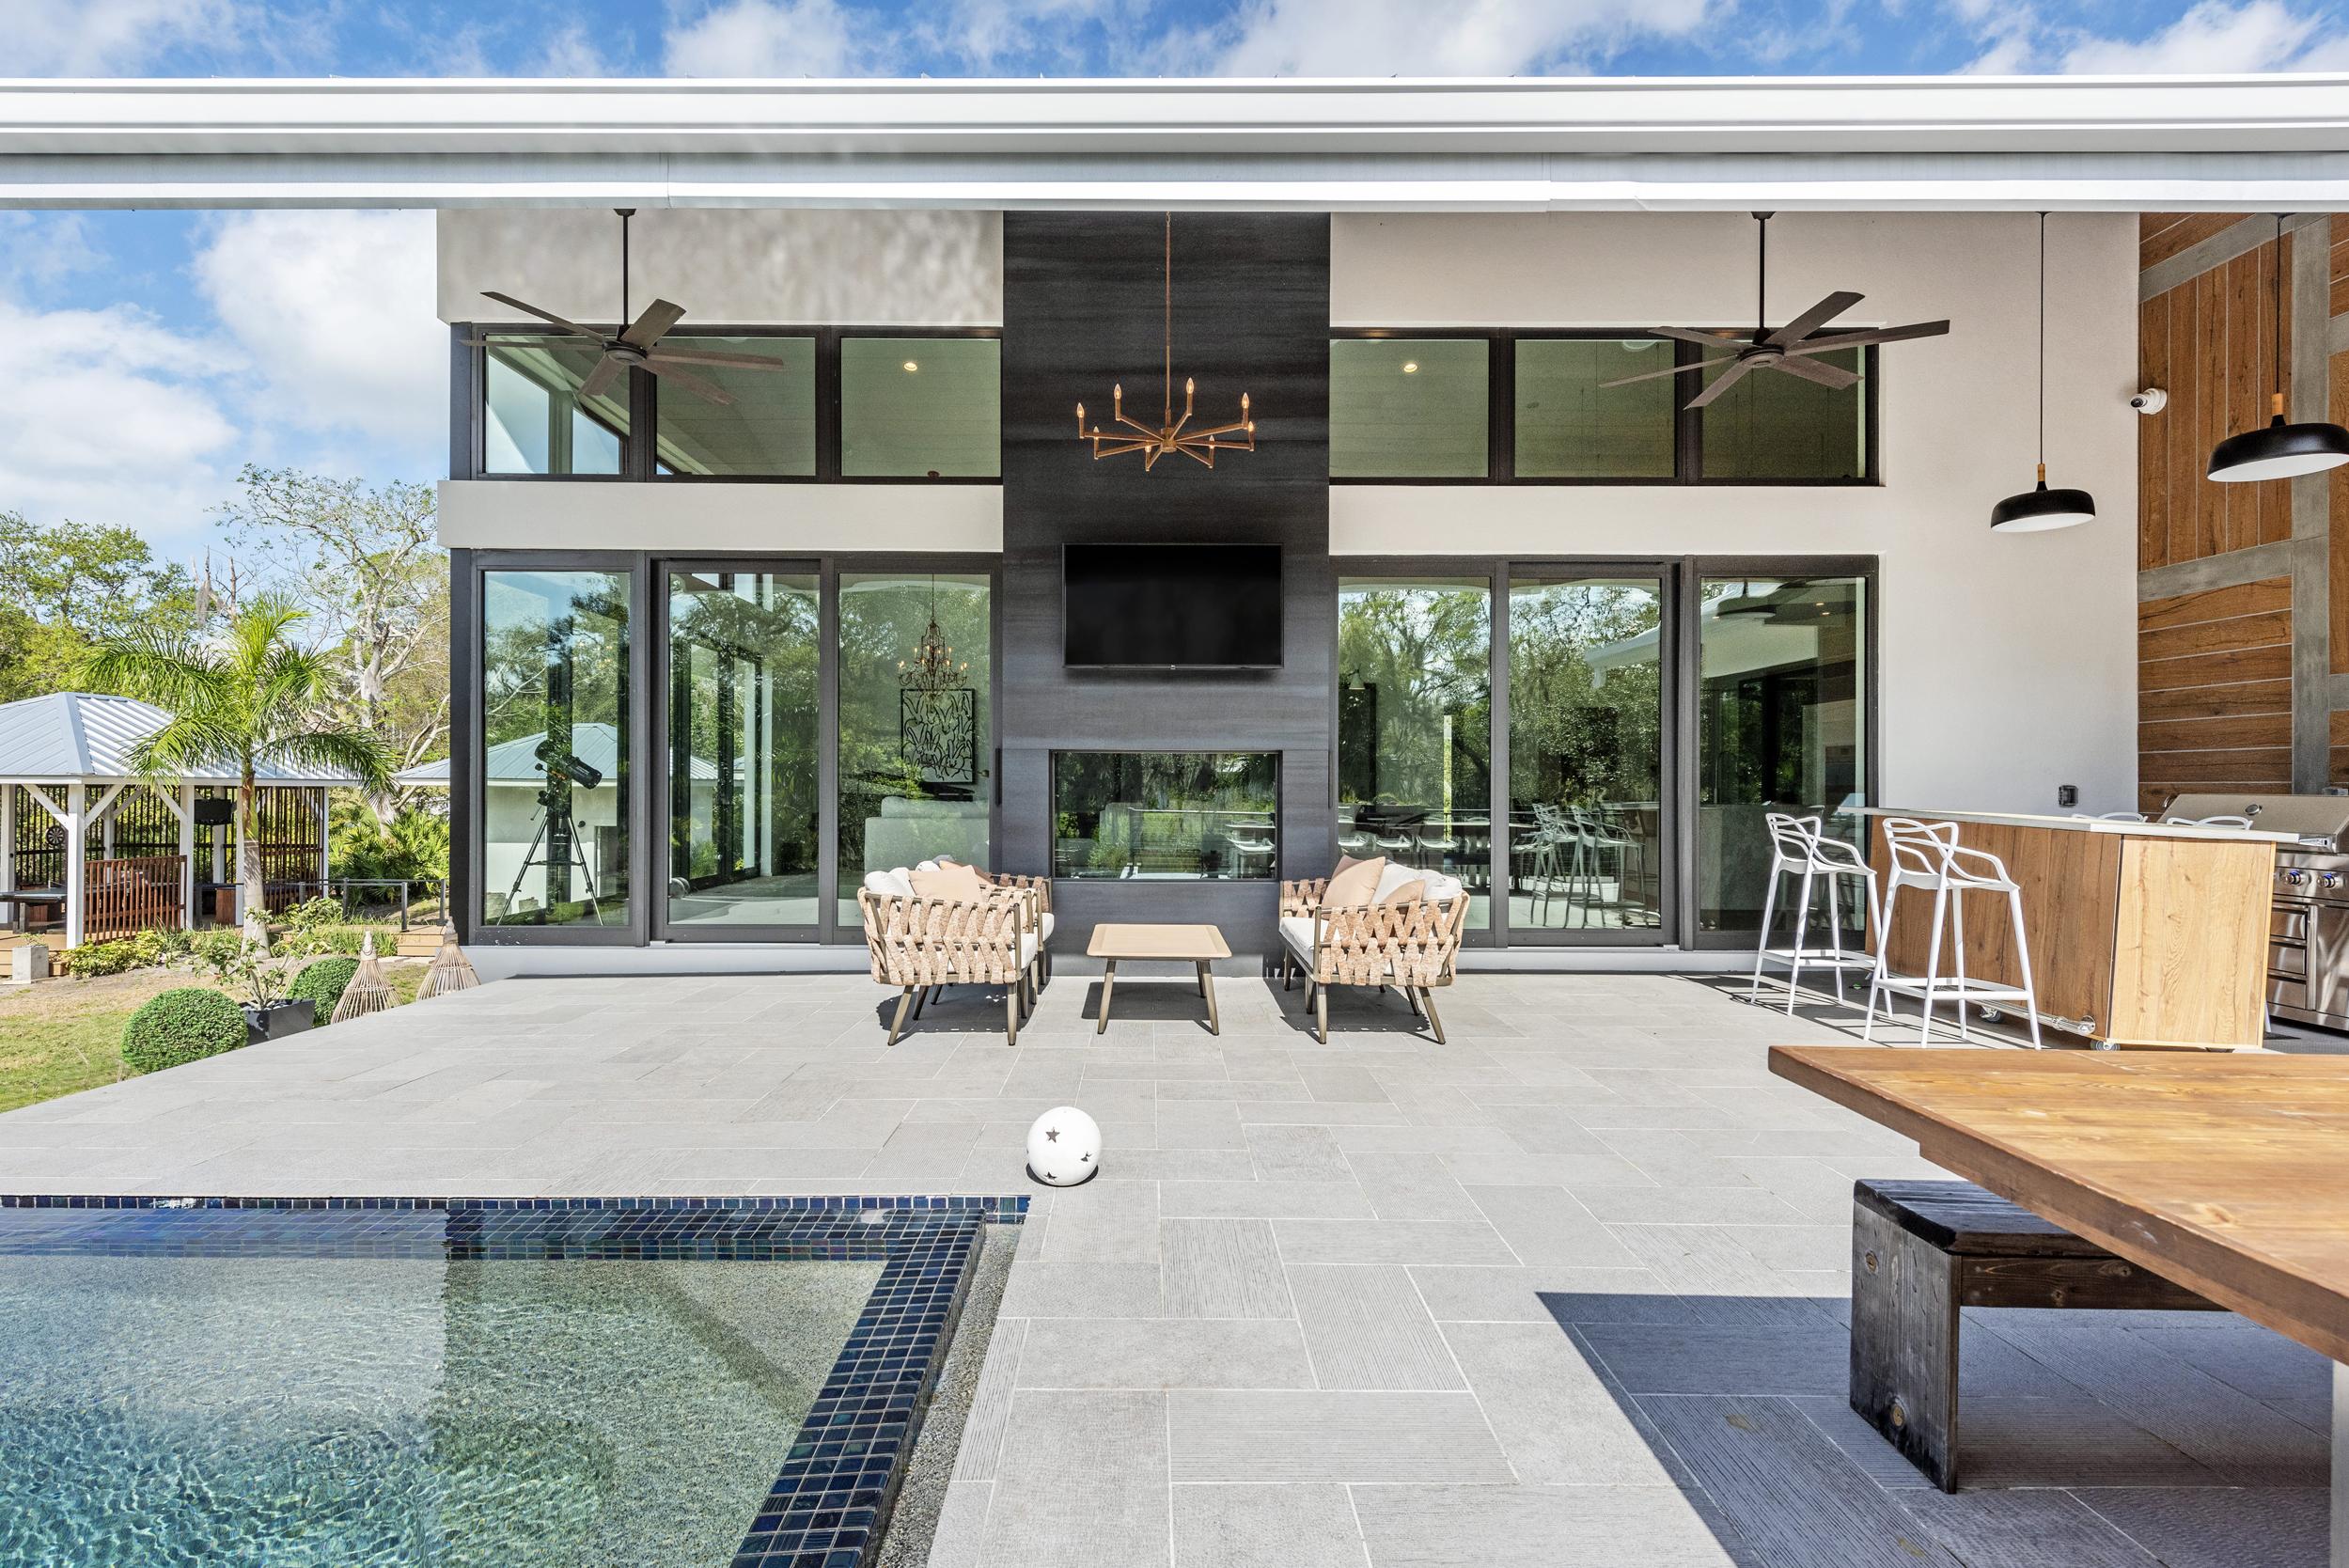 Pool Deck Stone Tile Straight On